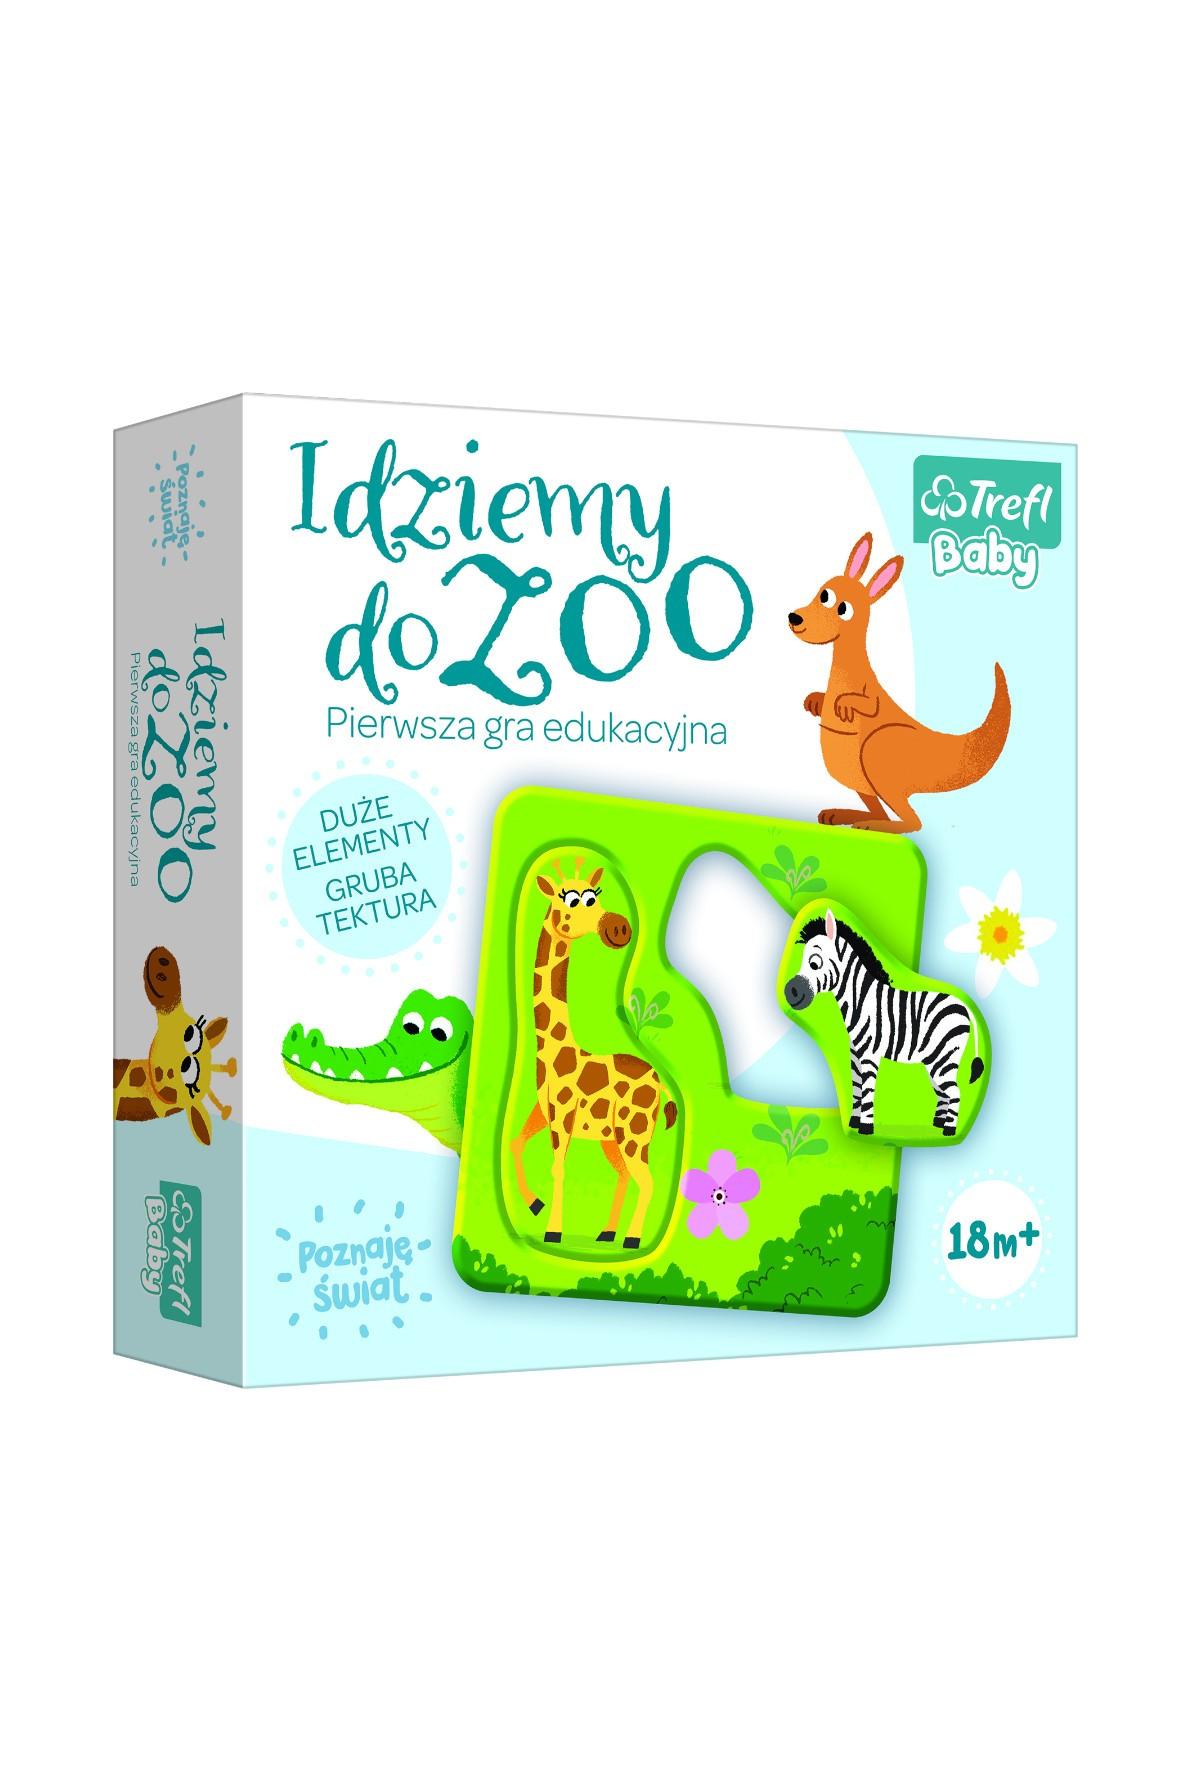 Gra dla dzieci - Idziemy do Zoo wiek 18m+